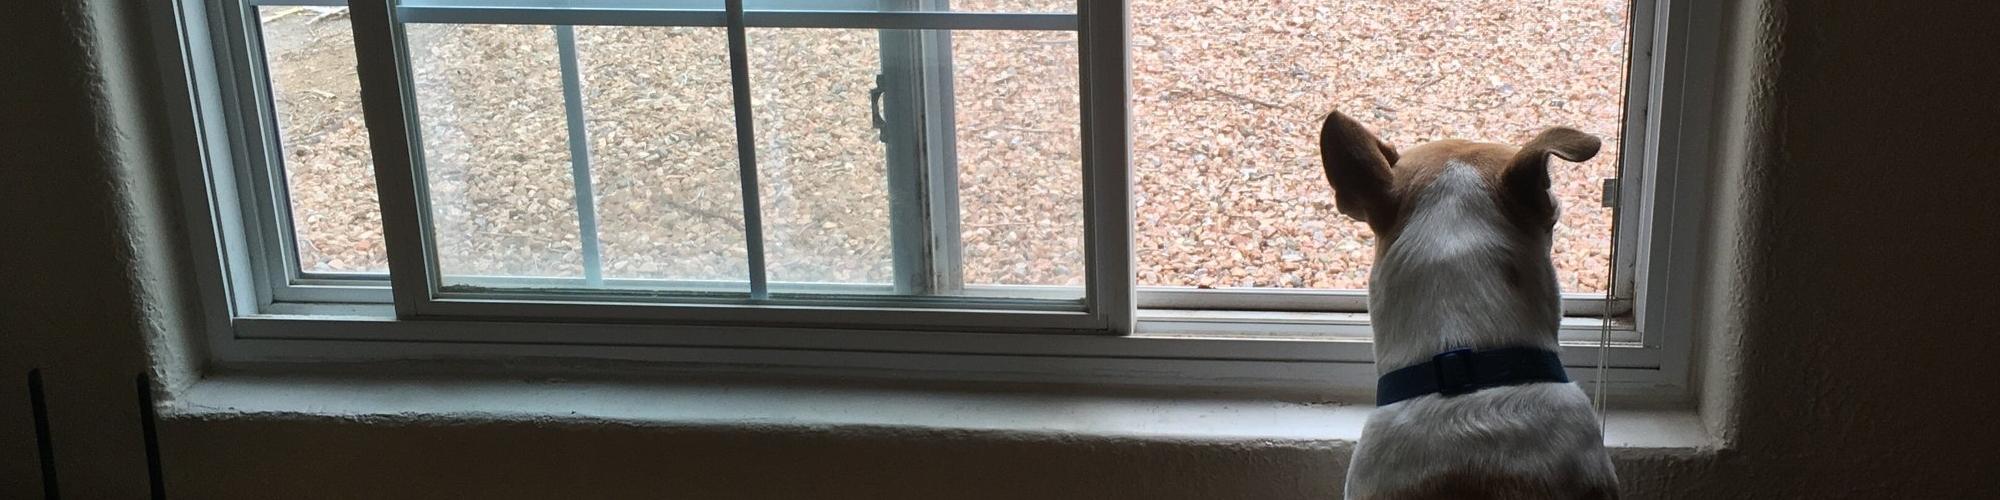 Window (2).jpg